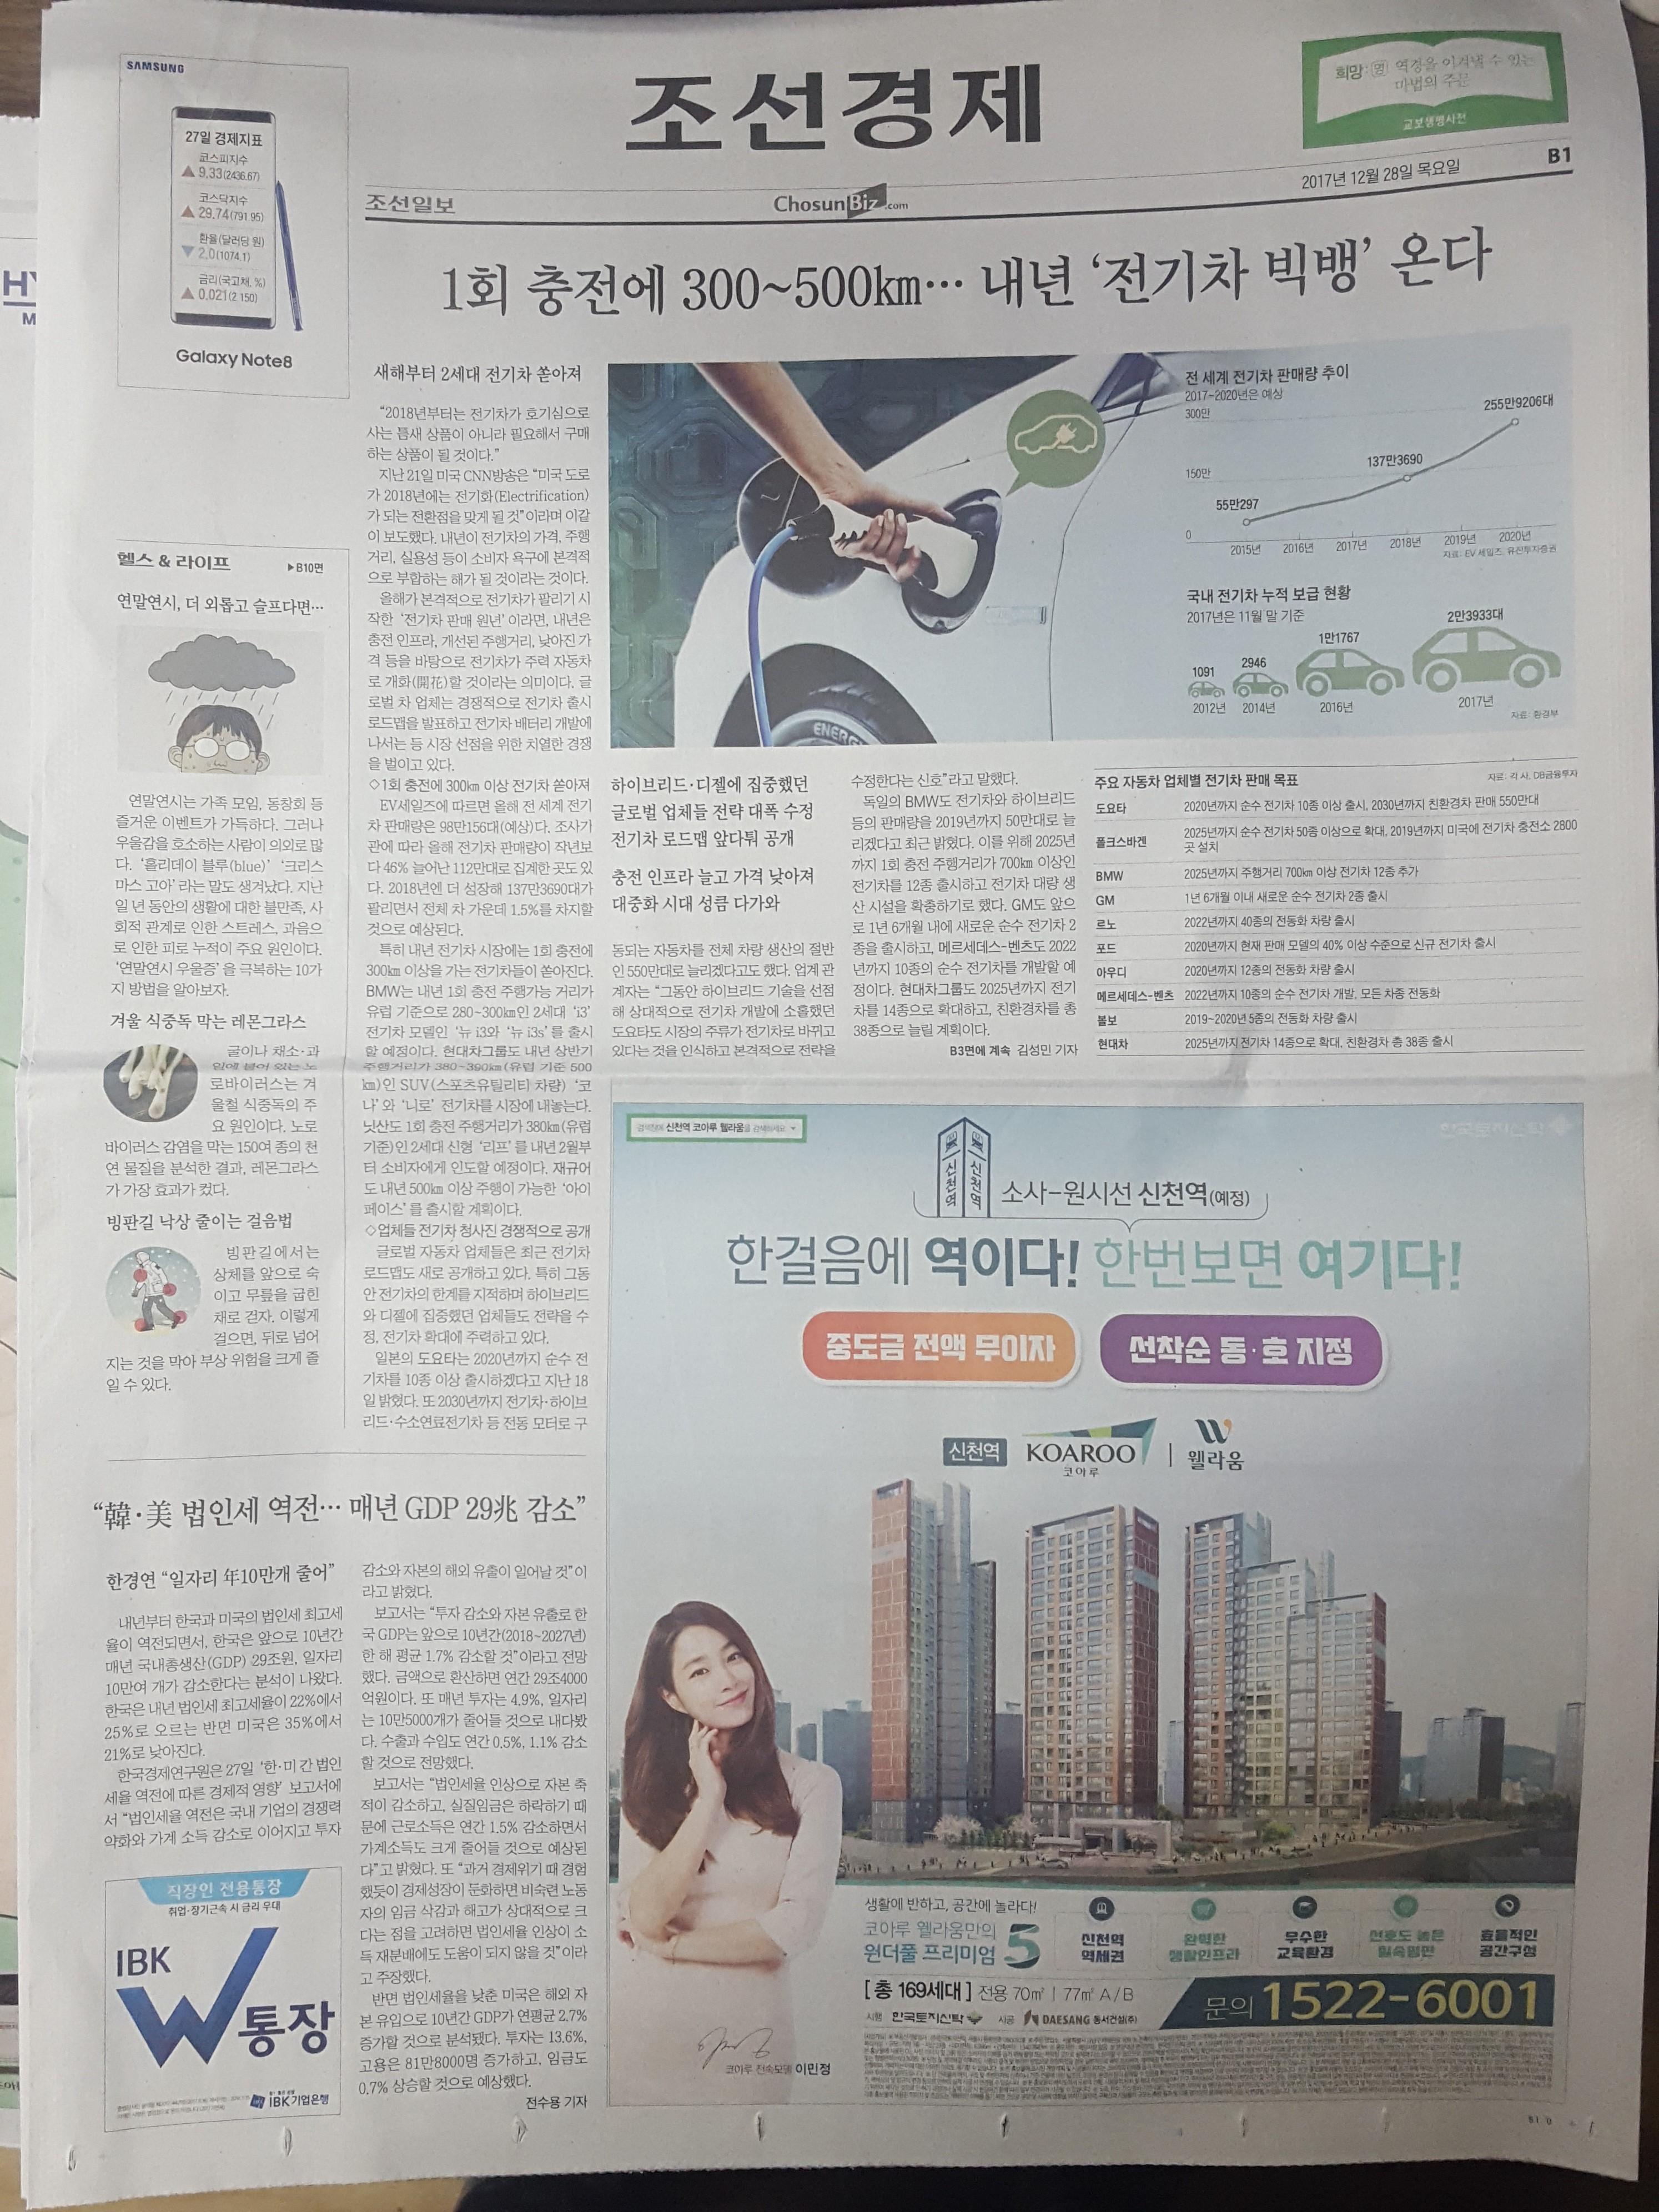 12월 28일 조선일보 B1 신천 코아루 웰라움 - 9단21.jpg